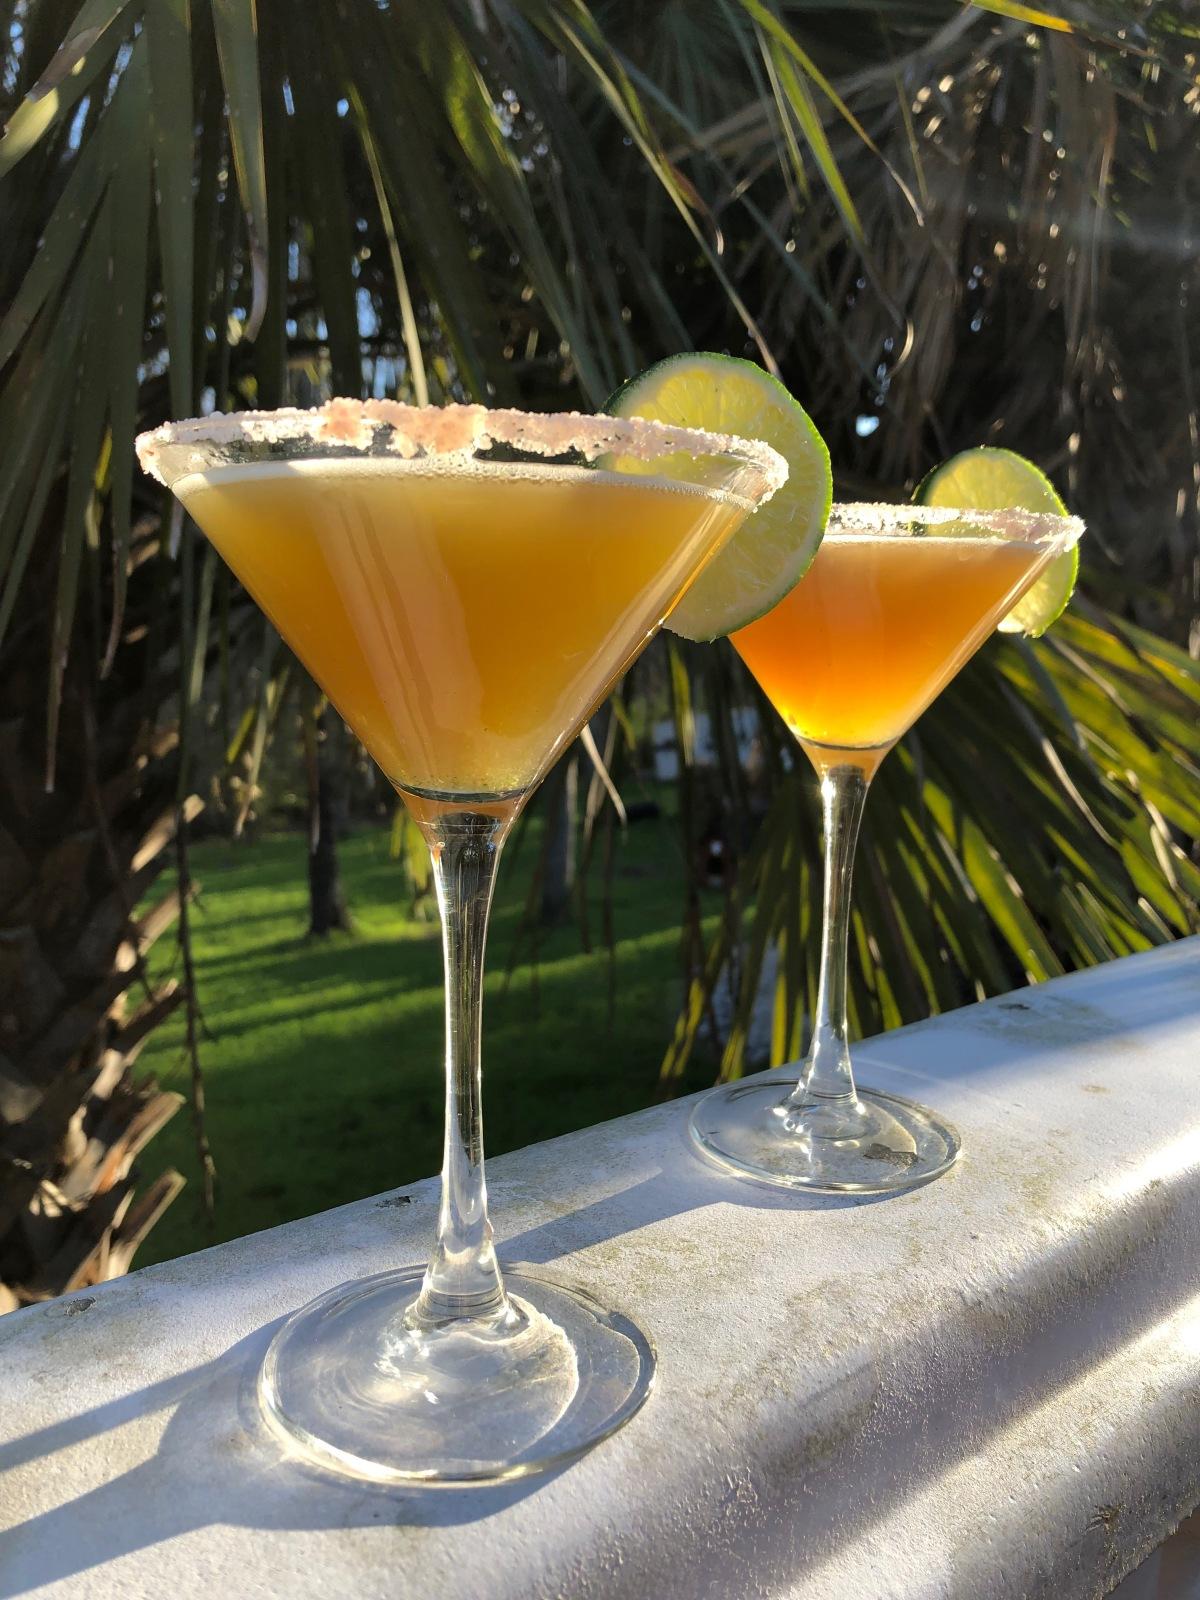 Delicious Homemade Margaritas